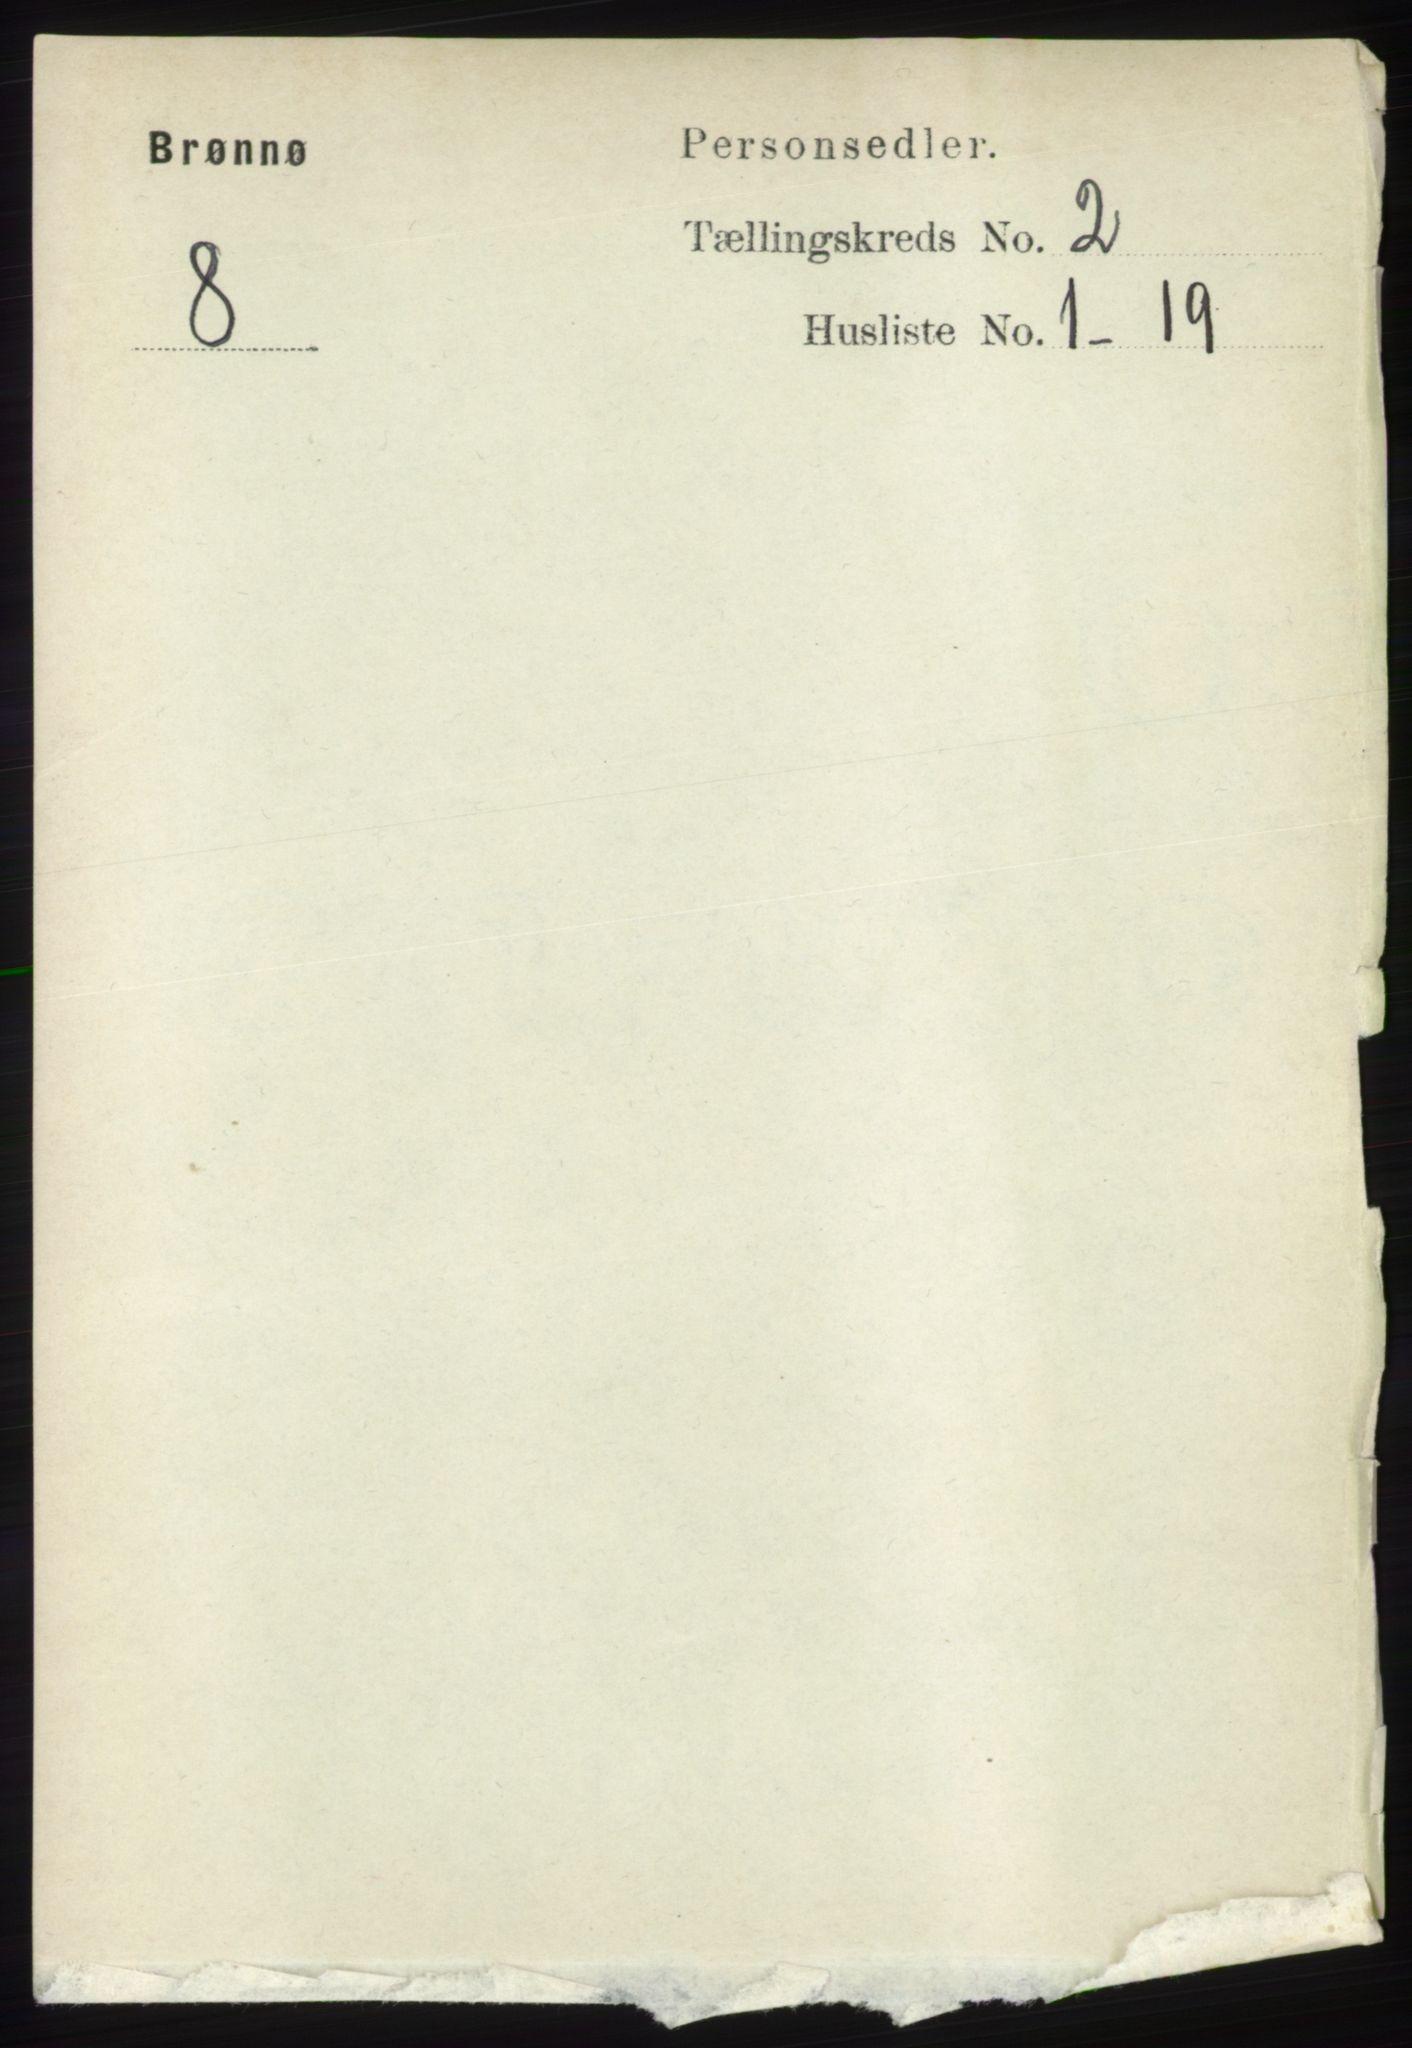 RA, Folketelling 1891 for 1814 Brønnøy herred, 1891, s. 805